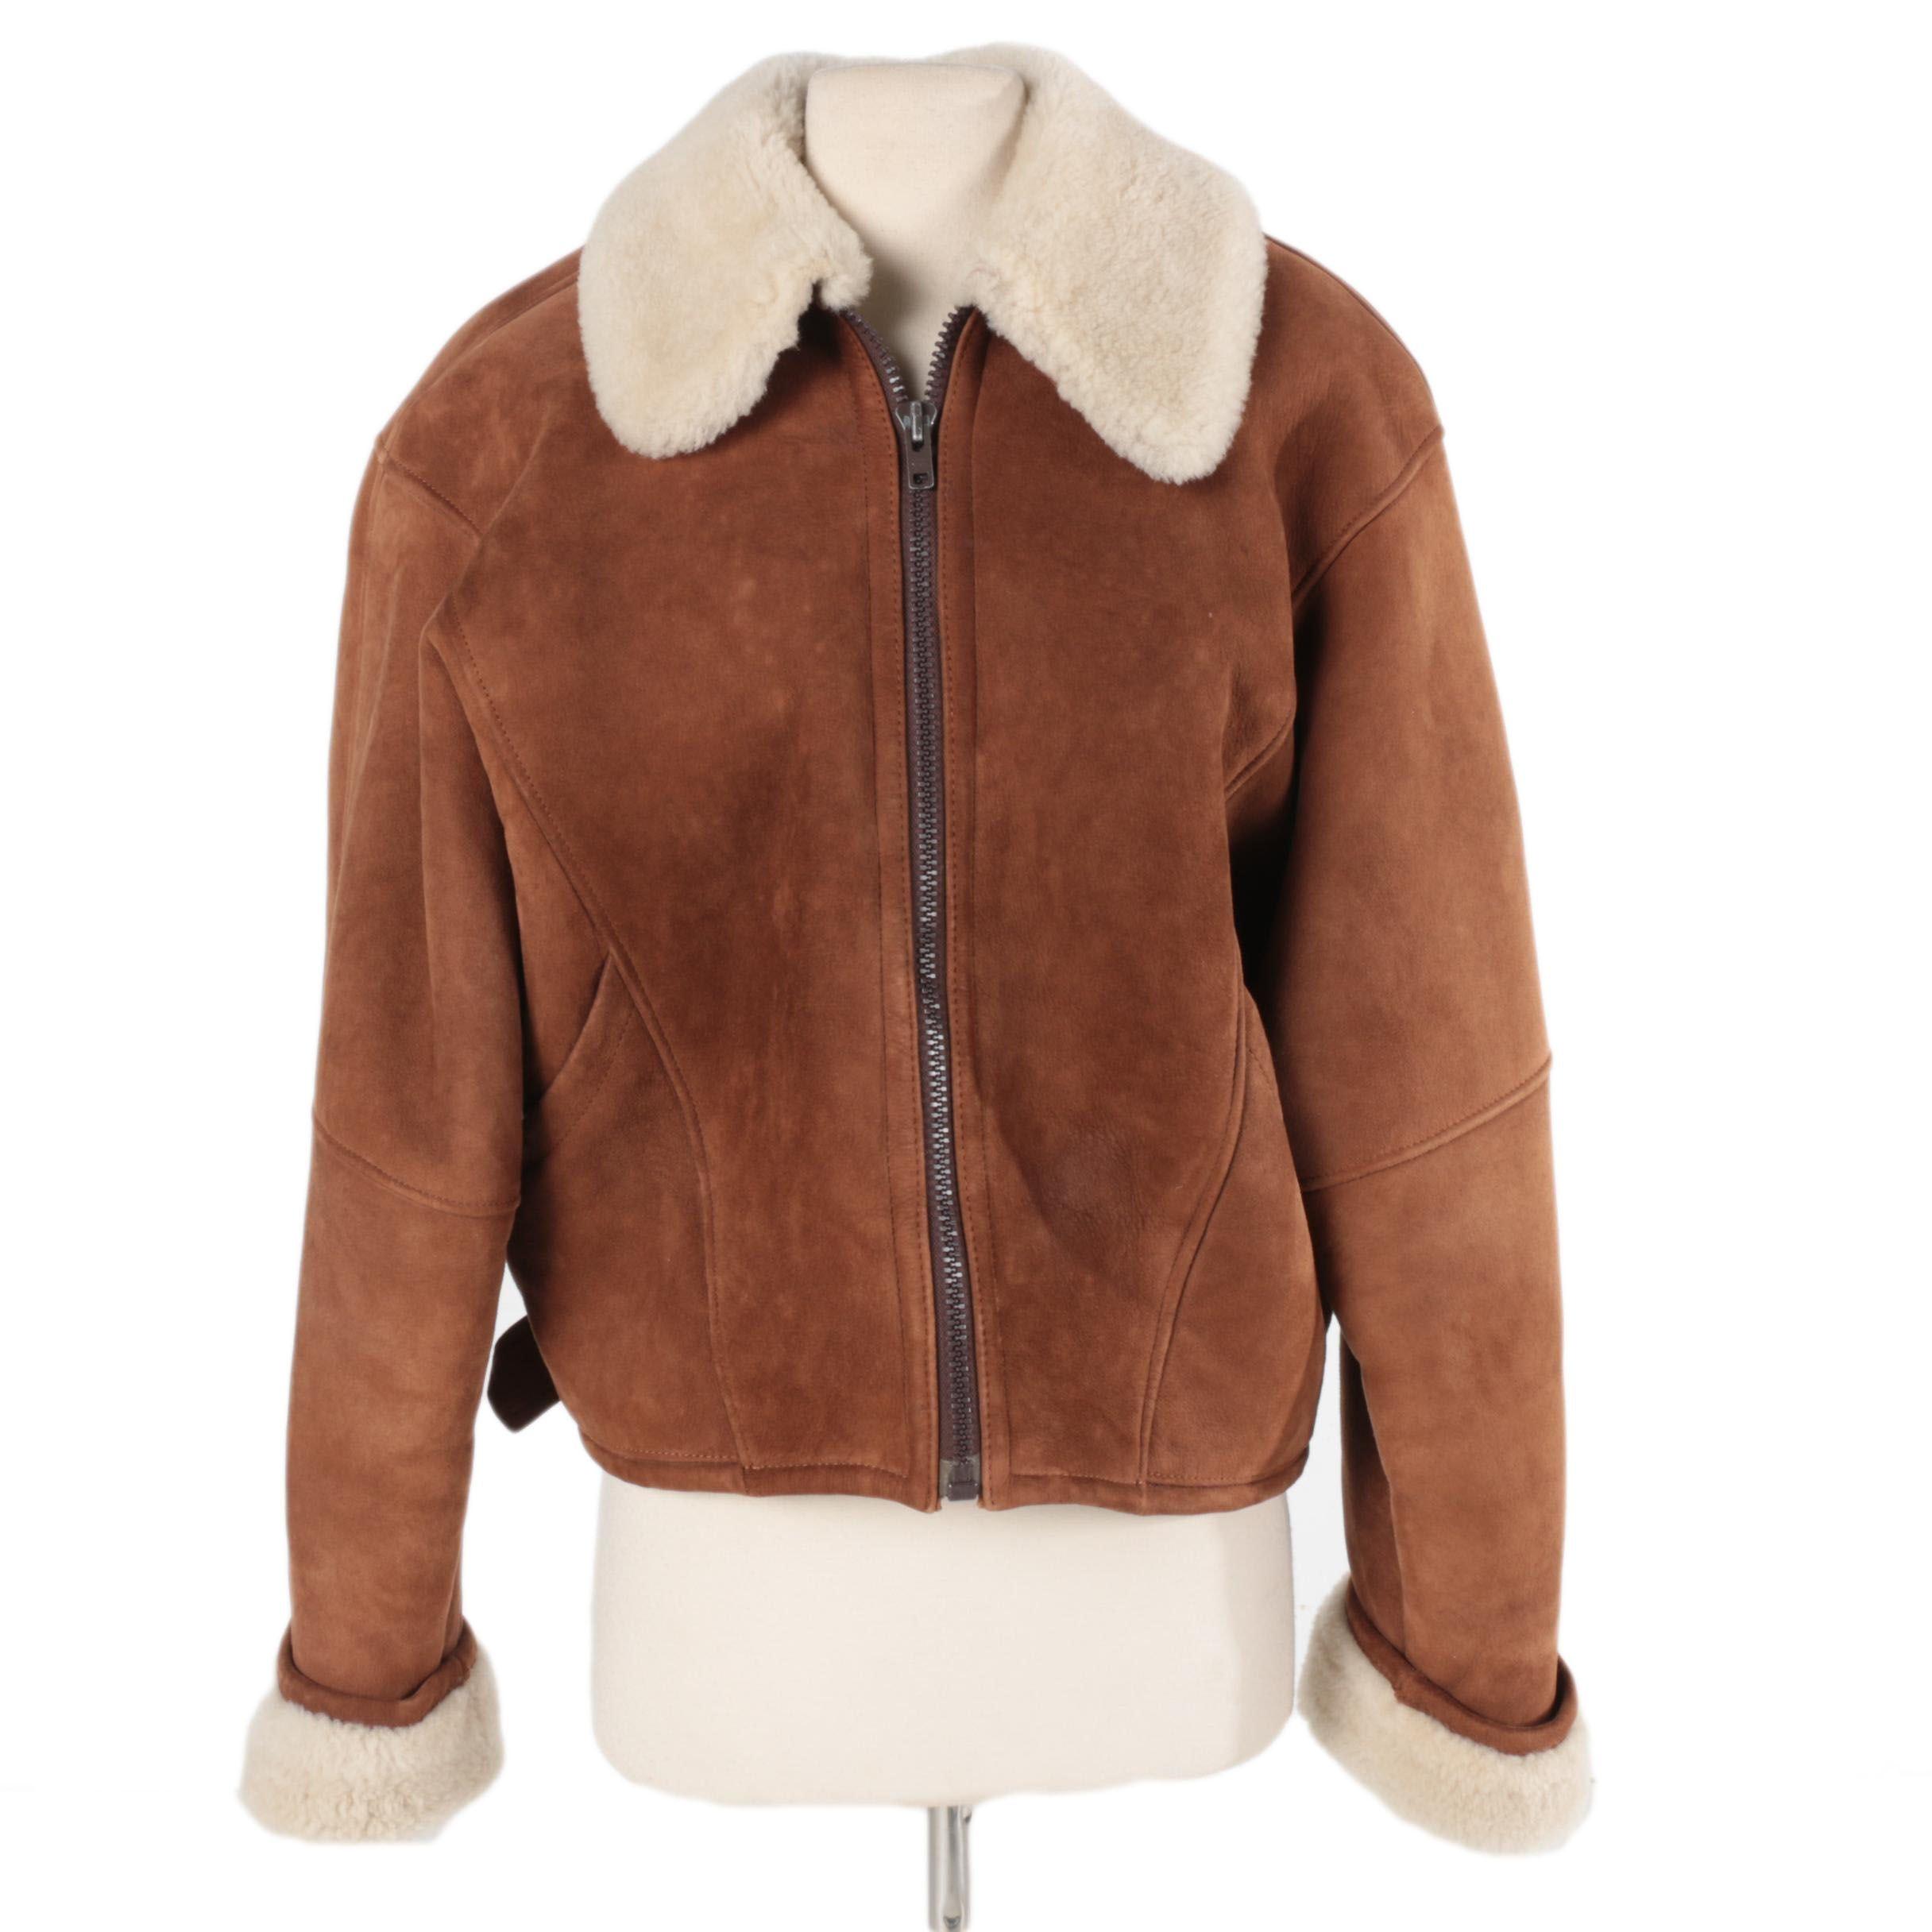 Women's Geoffrey Beene Shearling Jacket